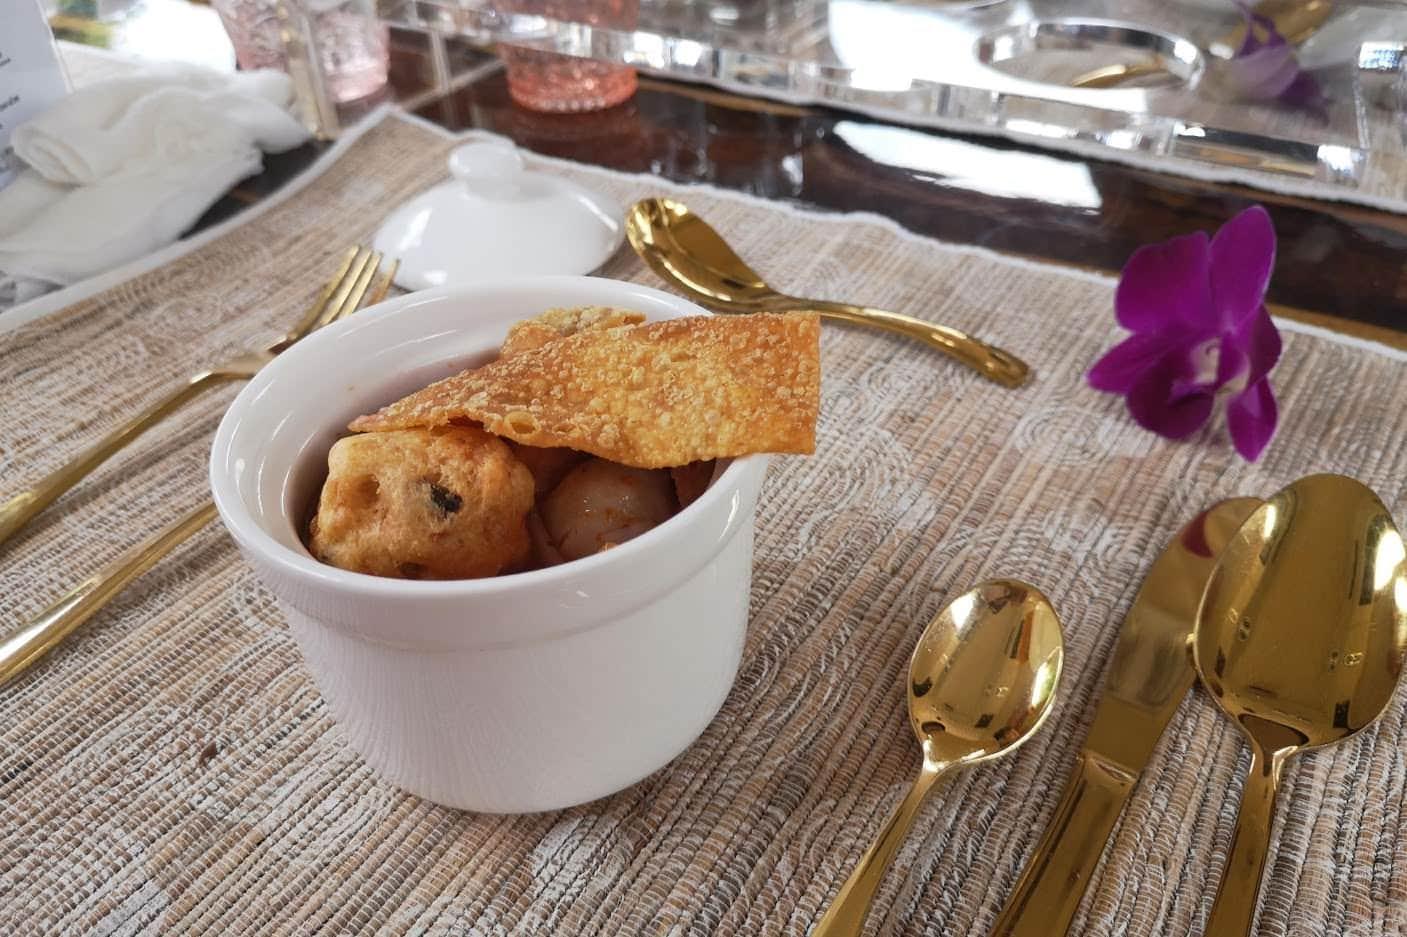 - รีวิว Thai Bus Food Tour นั่งรถบัสกินอาหารระดับ Michelin รอบกรุง